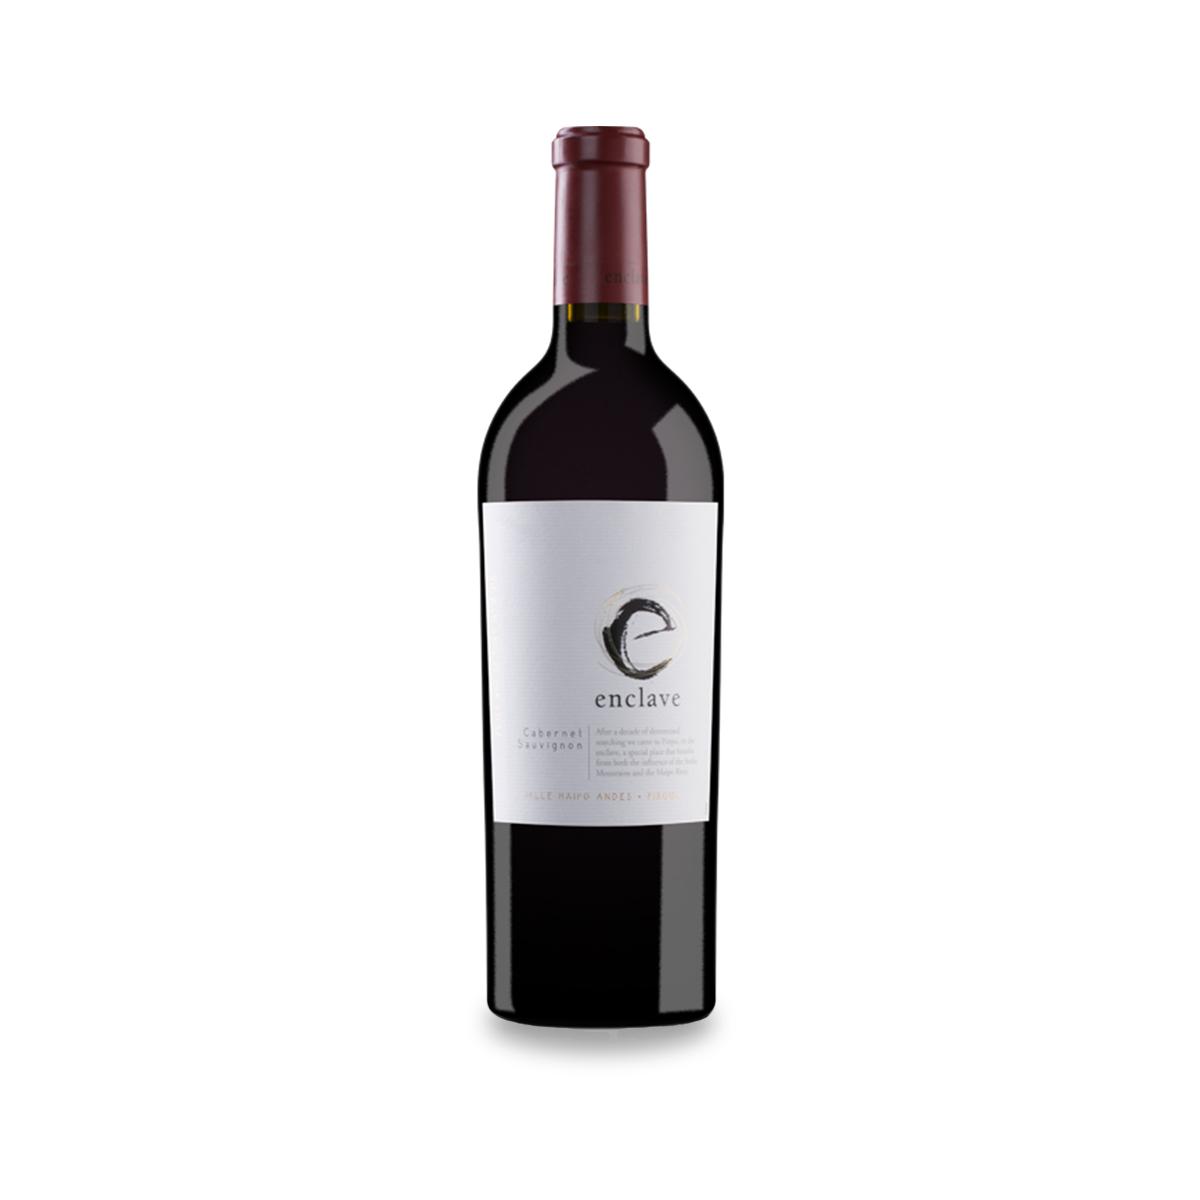 冰川一號赤霞珠干紅葡萄酒-8